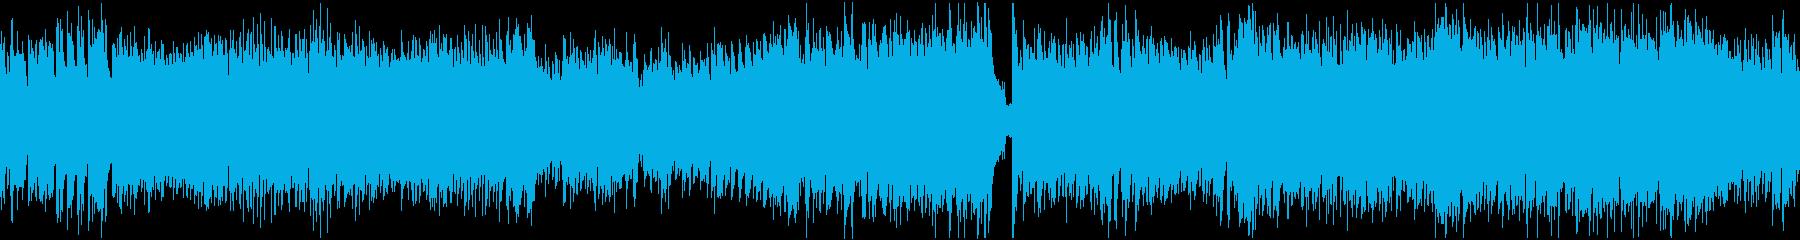 スピード感のある戦闘曲(ループ)の再生済みの波形